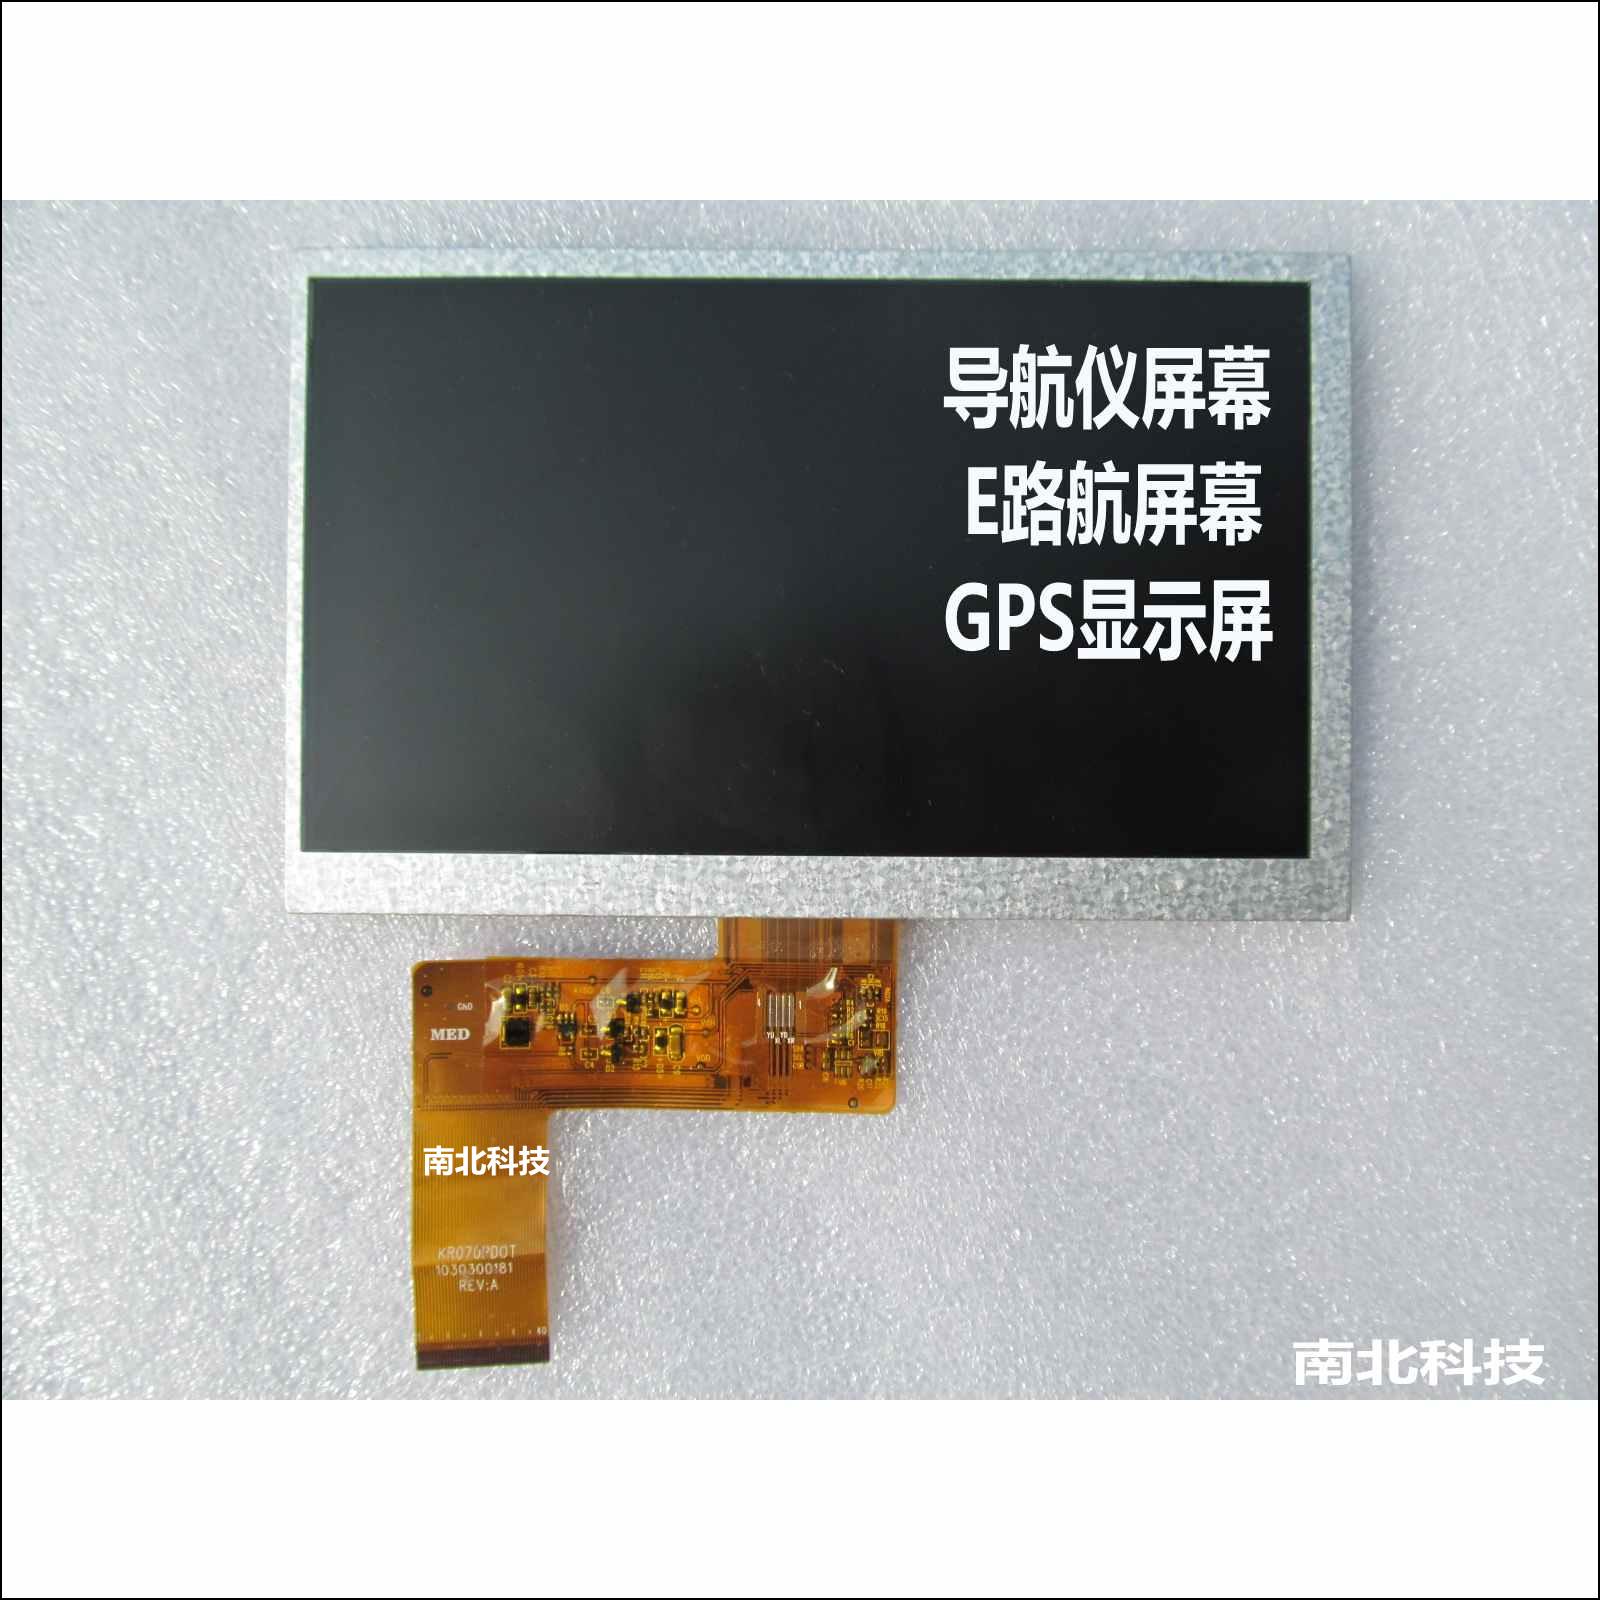 7寸GPS导航显示屏 E路航 E道航 华创E路航 内屏液晶屏幕 40P排线